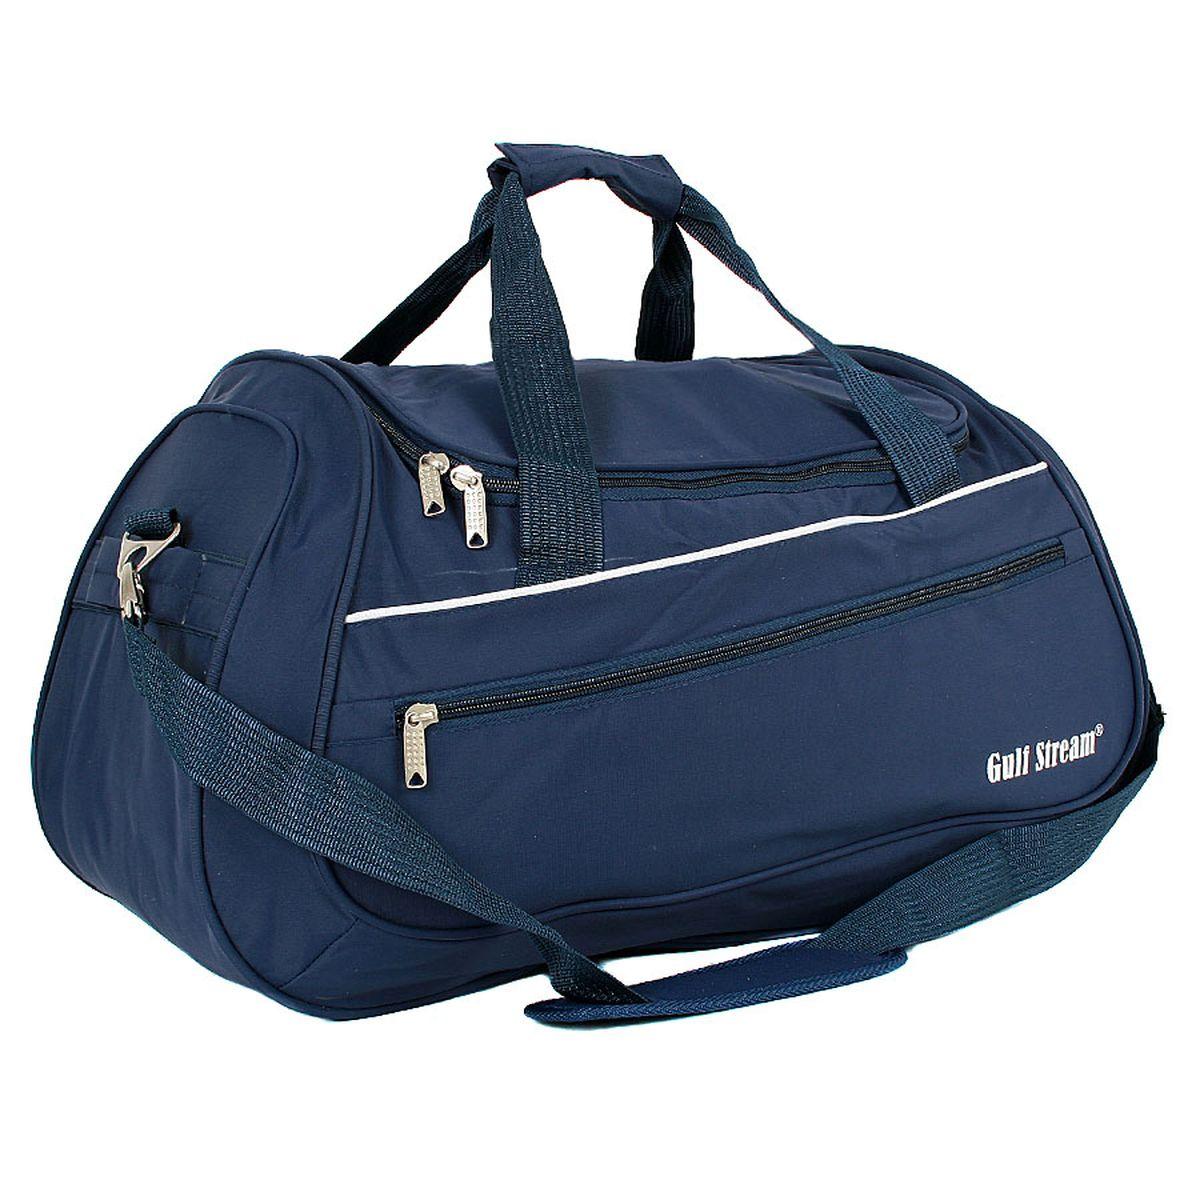 Сумка спортивная Polar, цвет: темно-синий, 46,5 л. 59865986_темно_синийМатериал – полиэстер с водоотталкивающей пропиткой. Вместительная спортивная сумка среднего размера. Одно отделение. Карман на передней части. В комплект входит съемный плечевой ремень. Эта сумка идеально подойдет для спорта и отдыха.